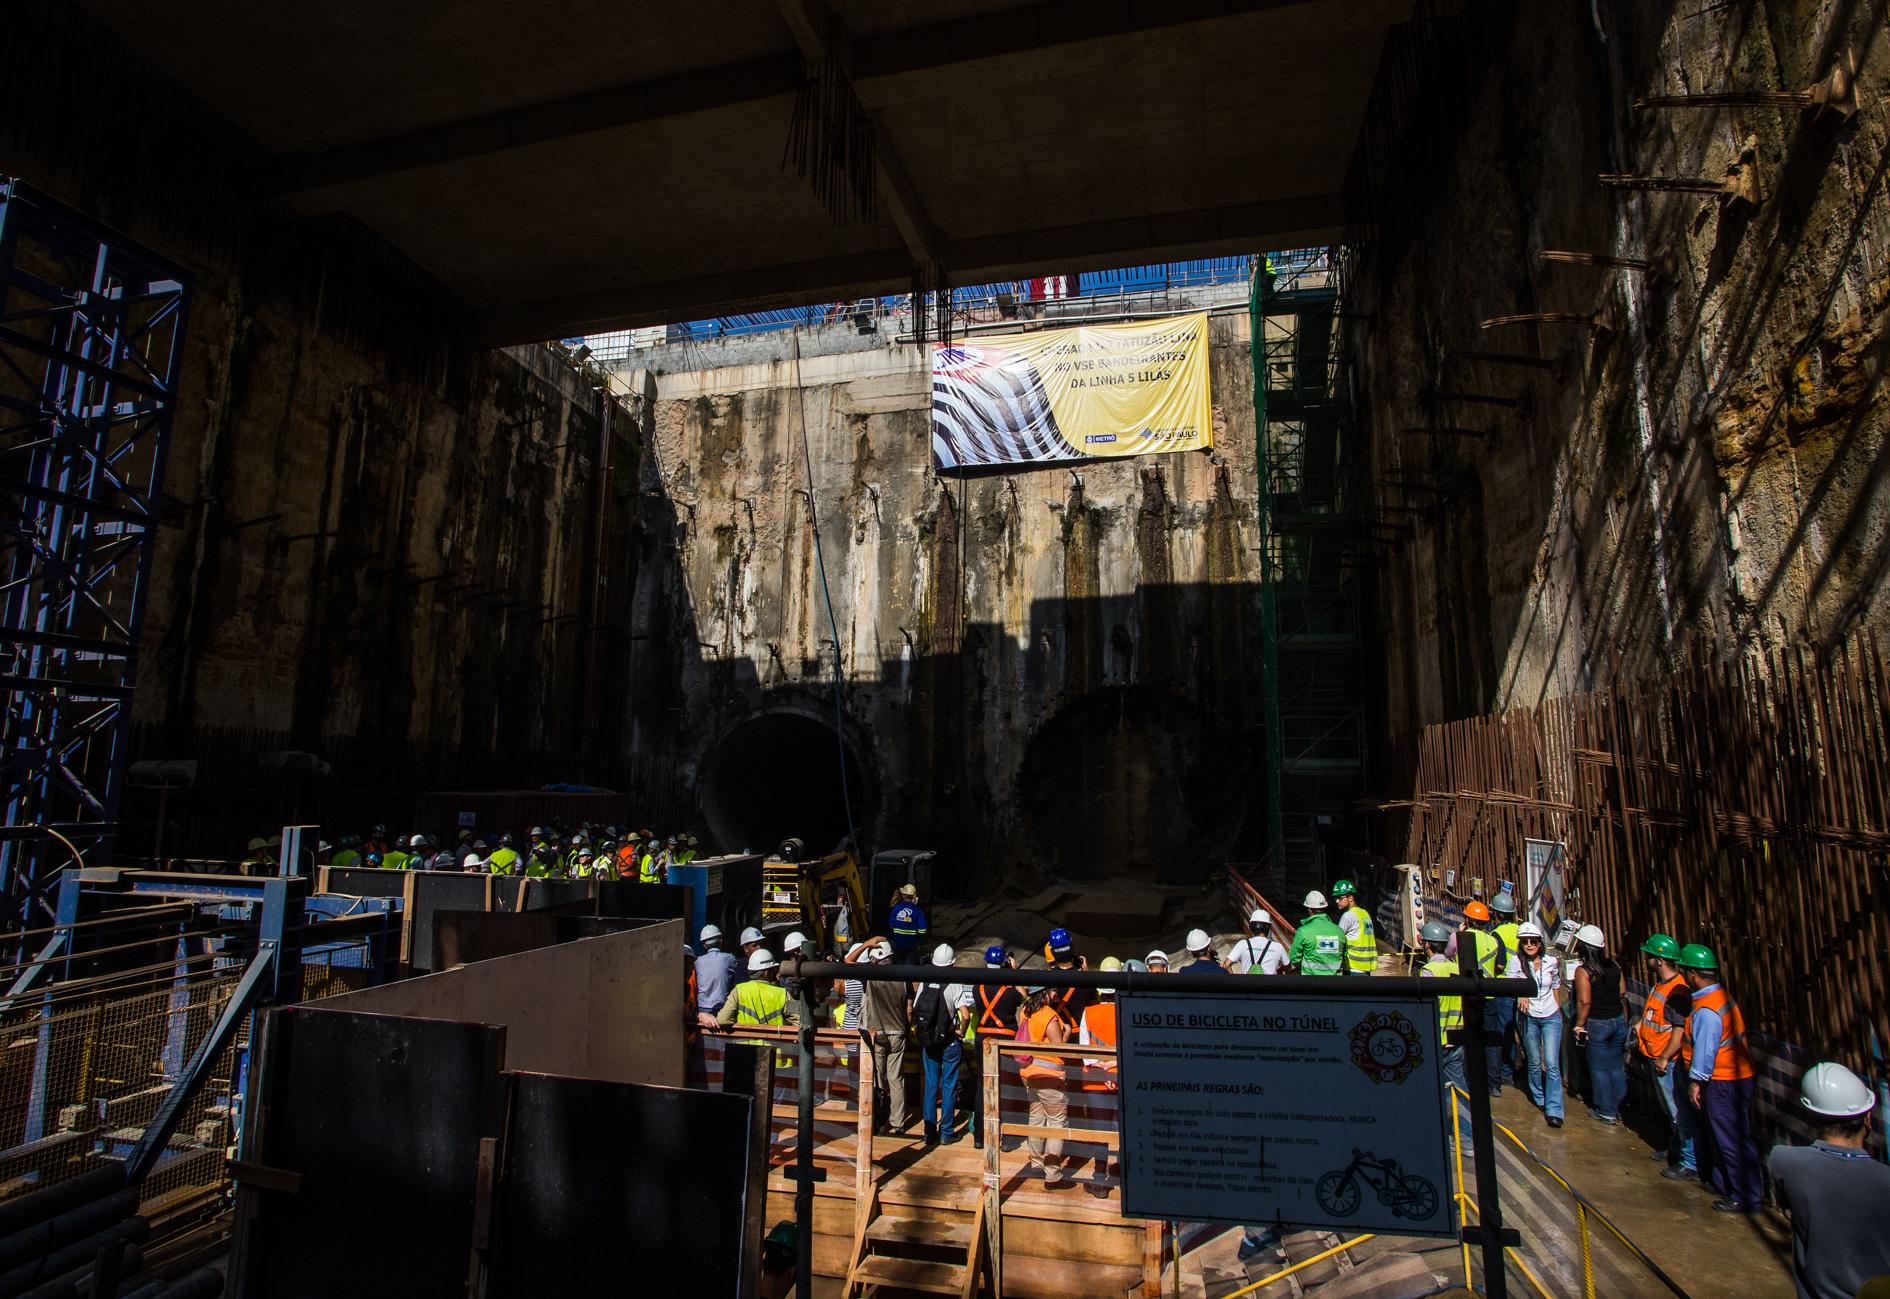 Para construir os 4,9 quilômetros de cada um dos túneis foram escavados cerca de 160 mil metros cúbicos de terra e utilizados cerca de 2.800 anéis de concreto, com 22,5 toneladas cada ( Foto: A2img/Eduardo Saraiva)